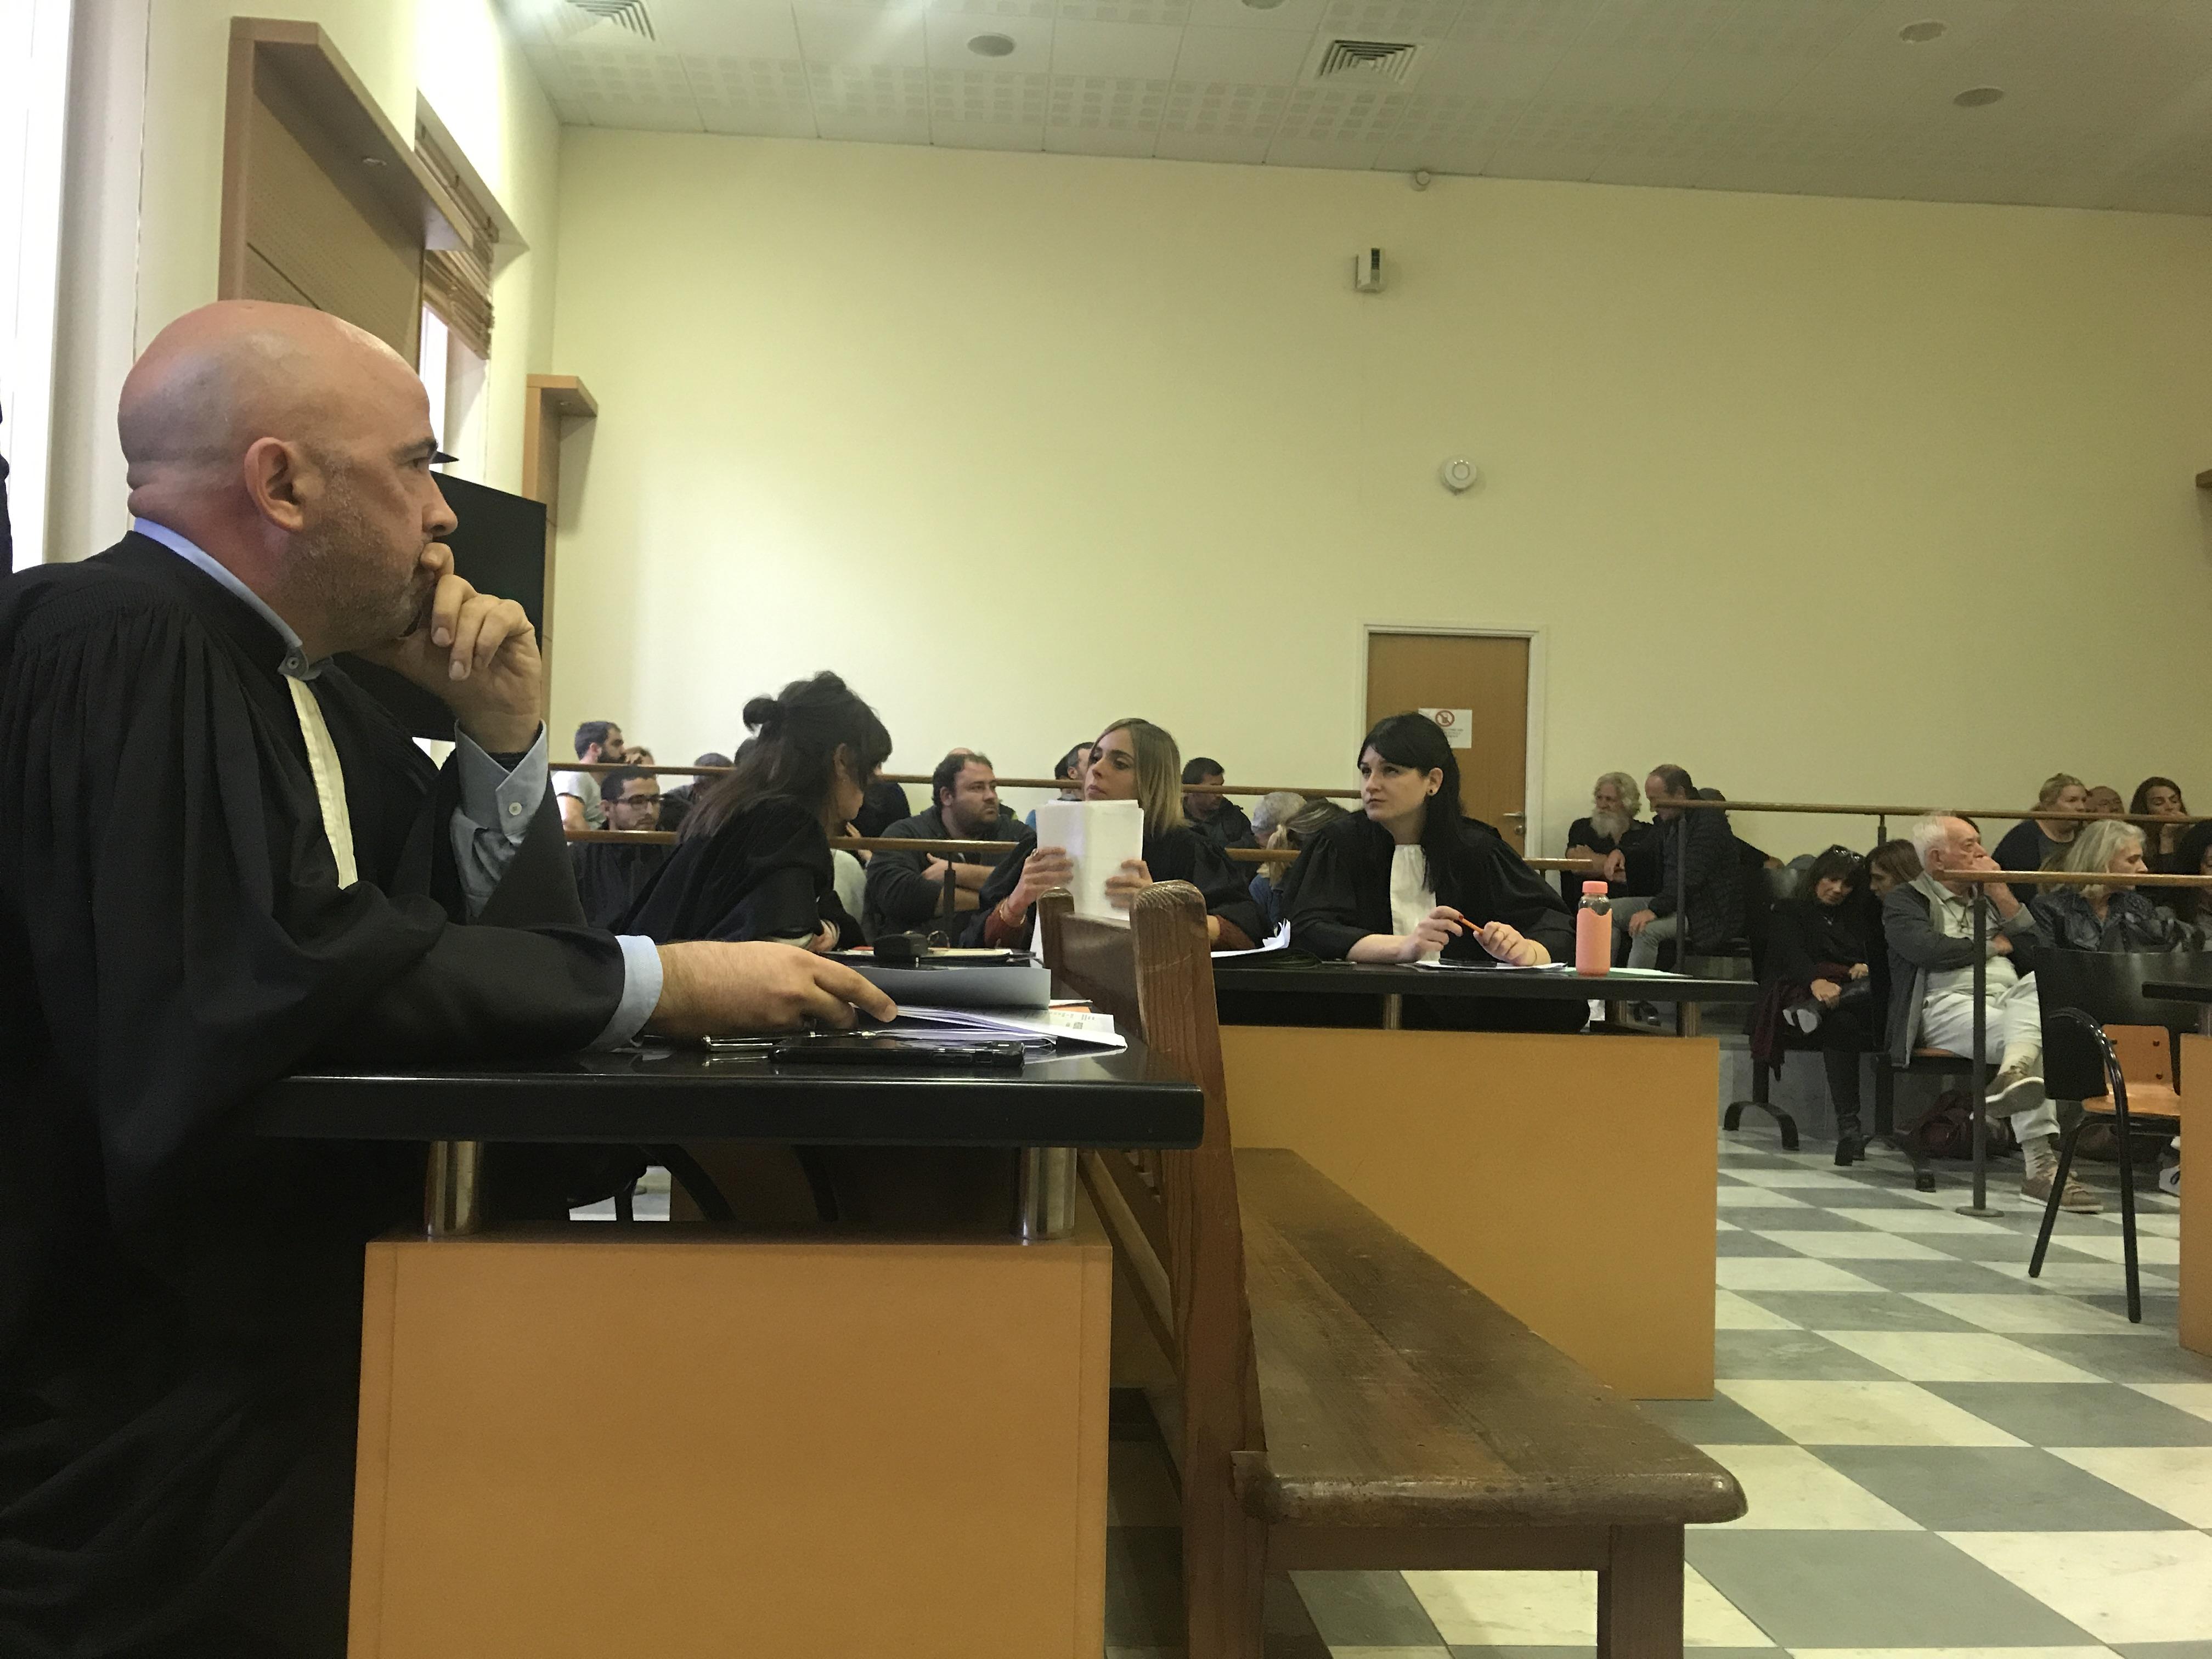 Procès du jeune agriculteur : Jean-André Flori condamné à 5 mois de prison ferme